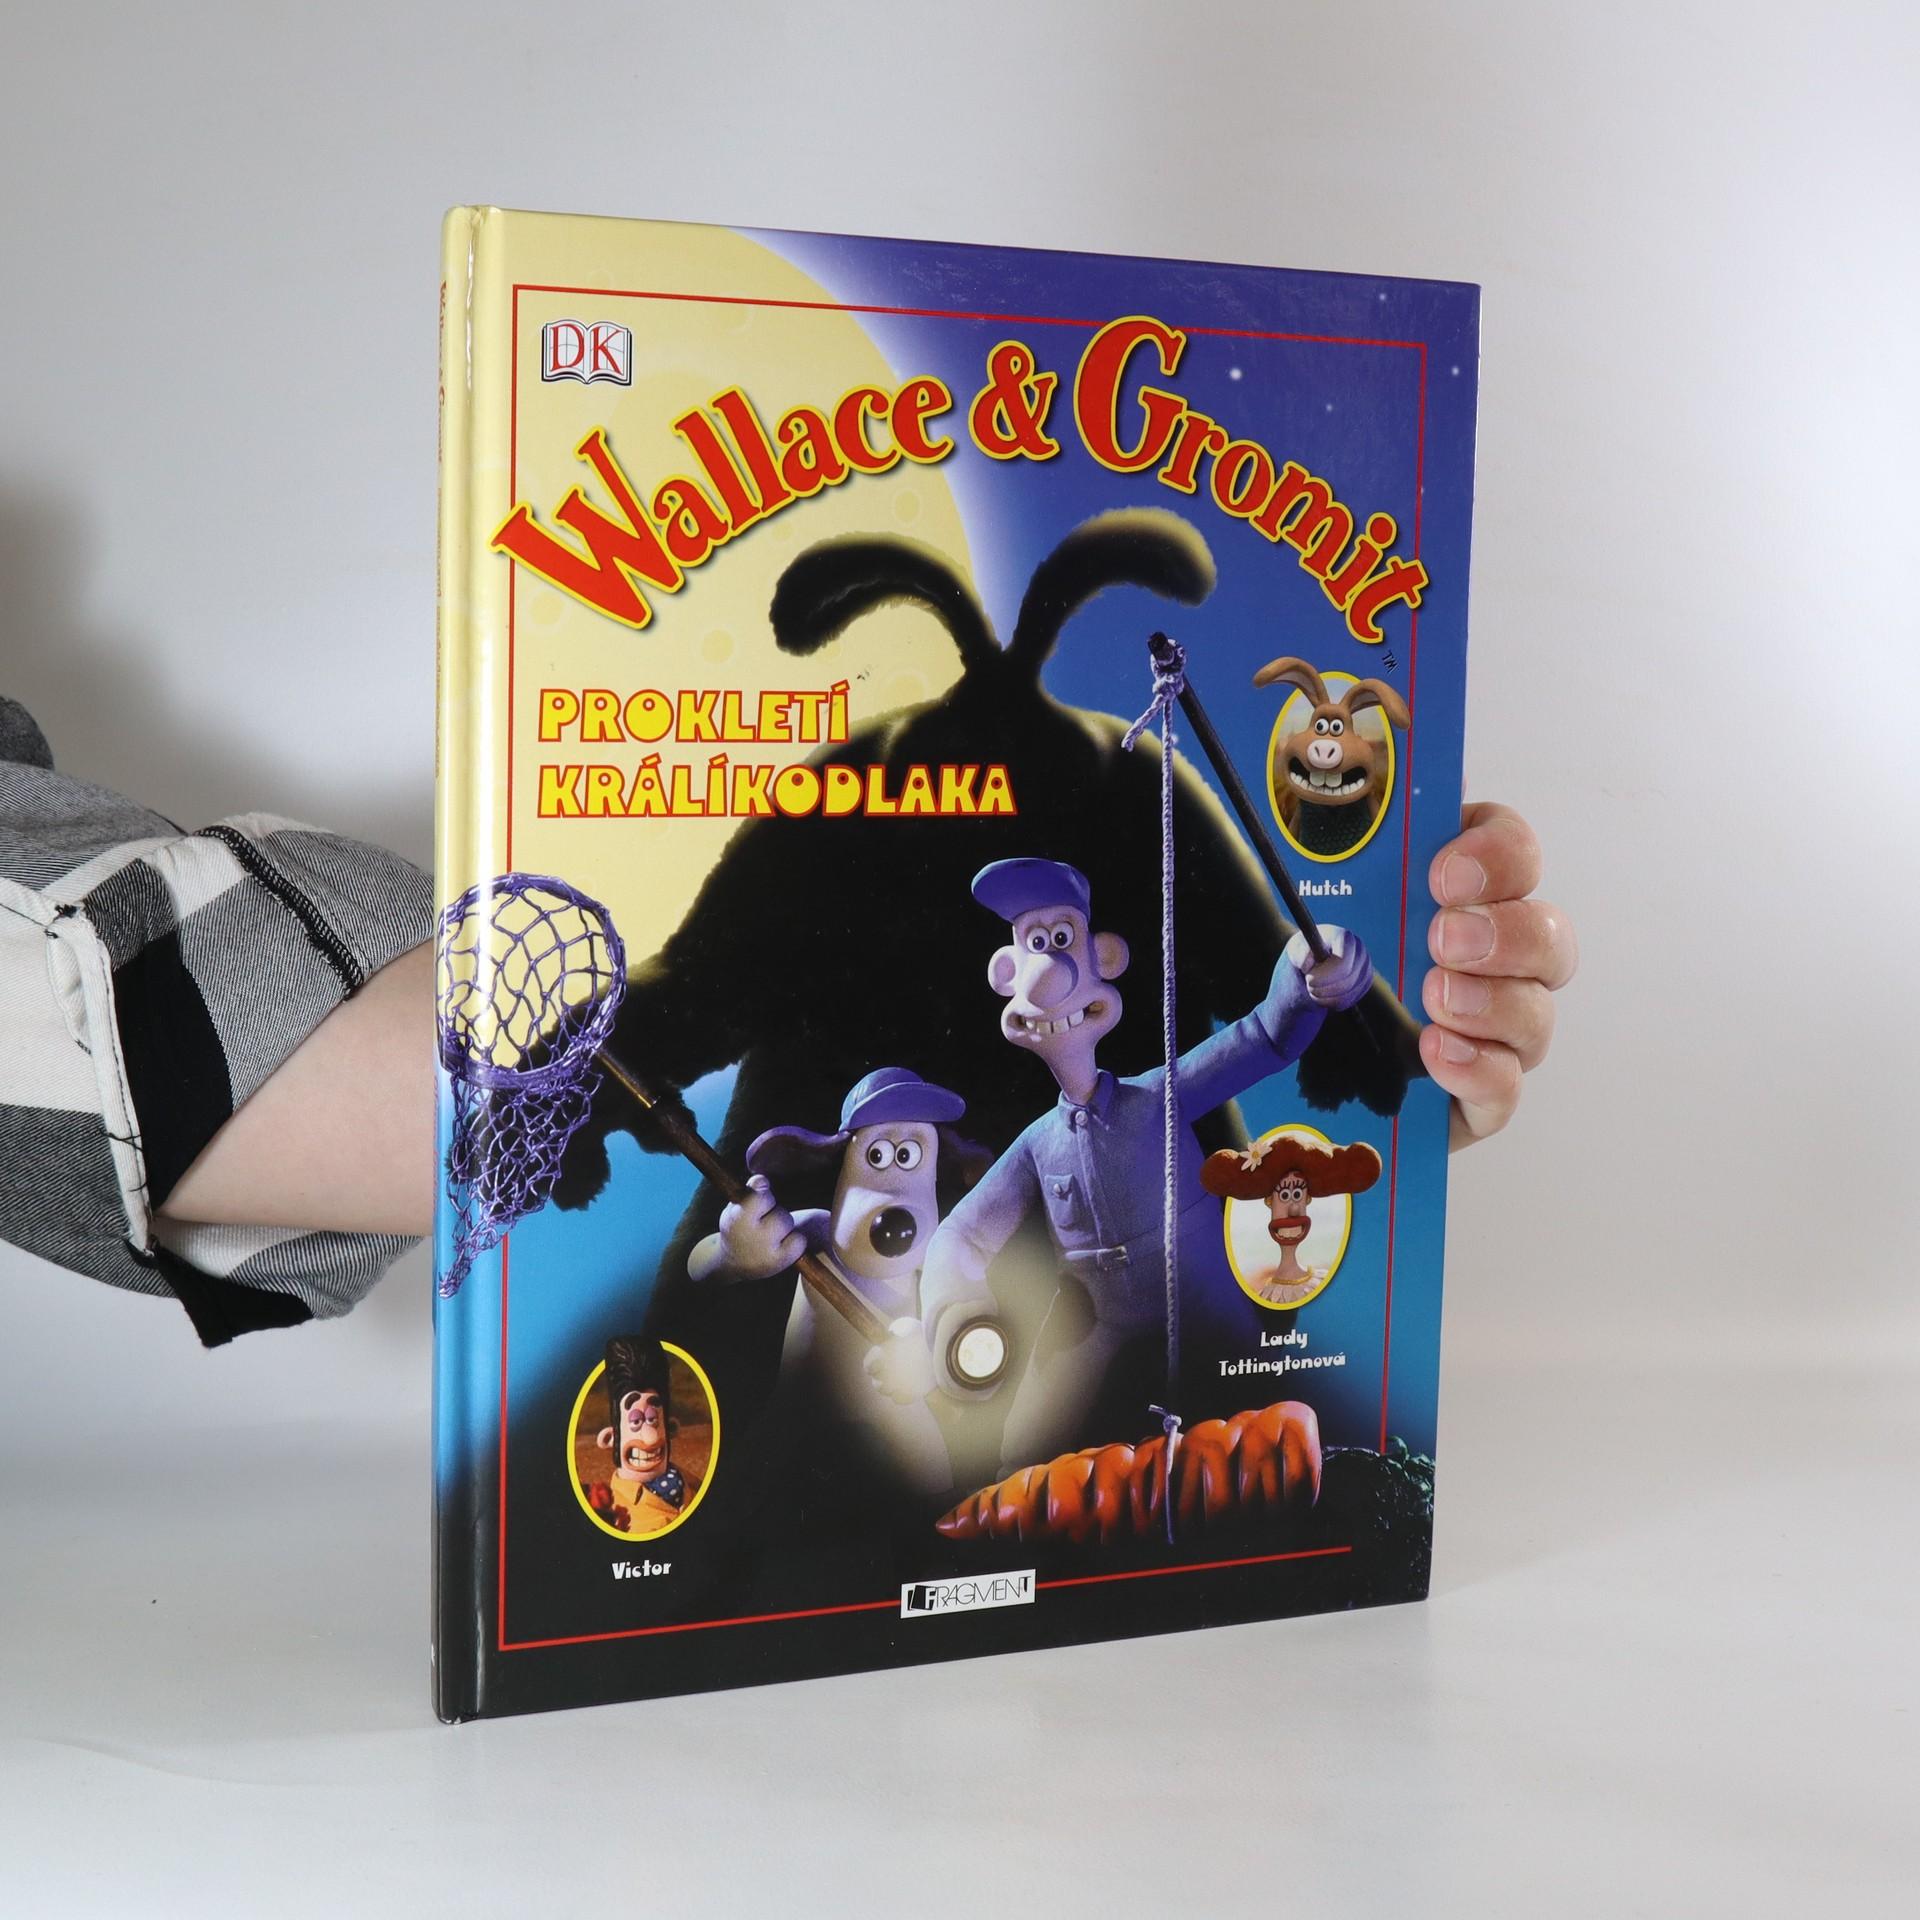 antikvární kniha Wallace & Gromit. Prokletí králíkodlaka, 2006